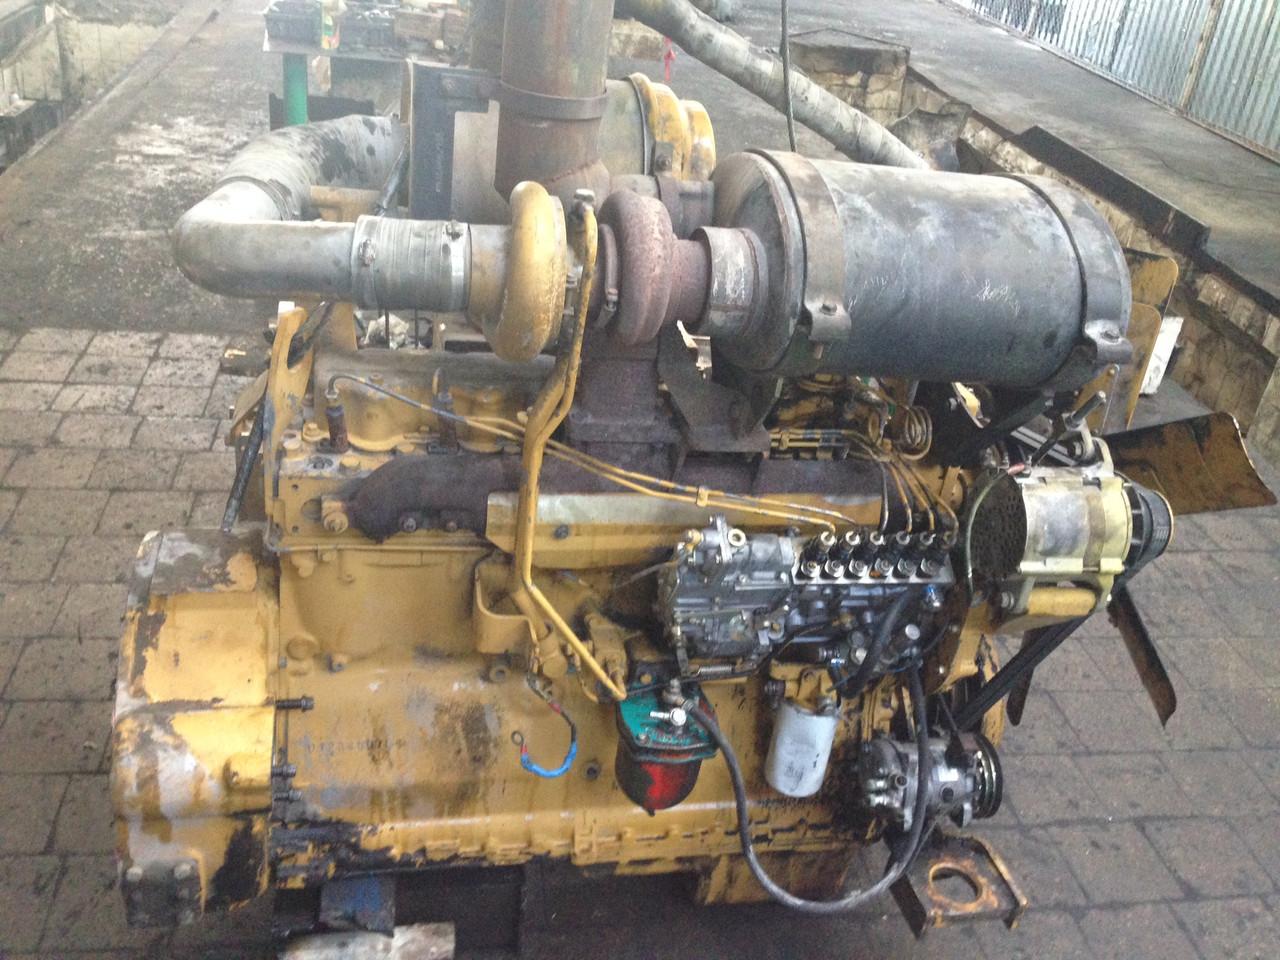 Ремонт двигателя C6121 c китайского погрузчика Chang Gong 956, Foton 958, 968, TOTA, SDLG, XCMG ZL50